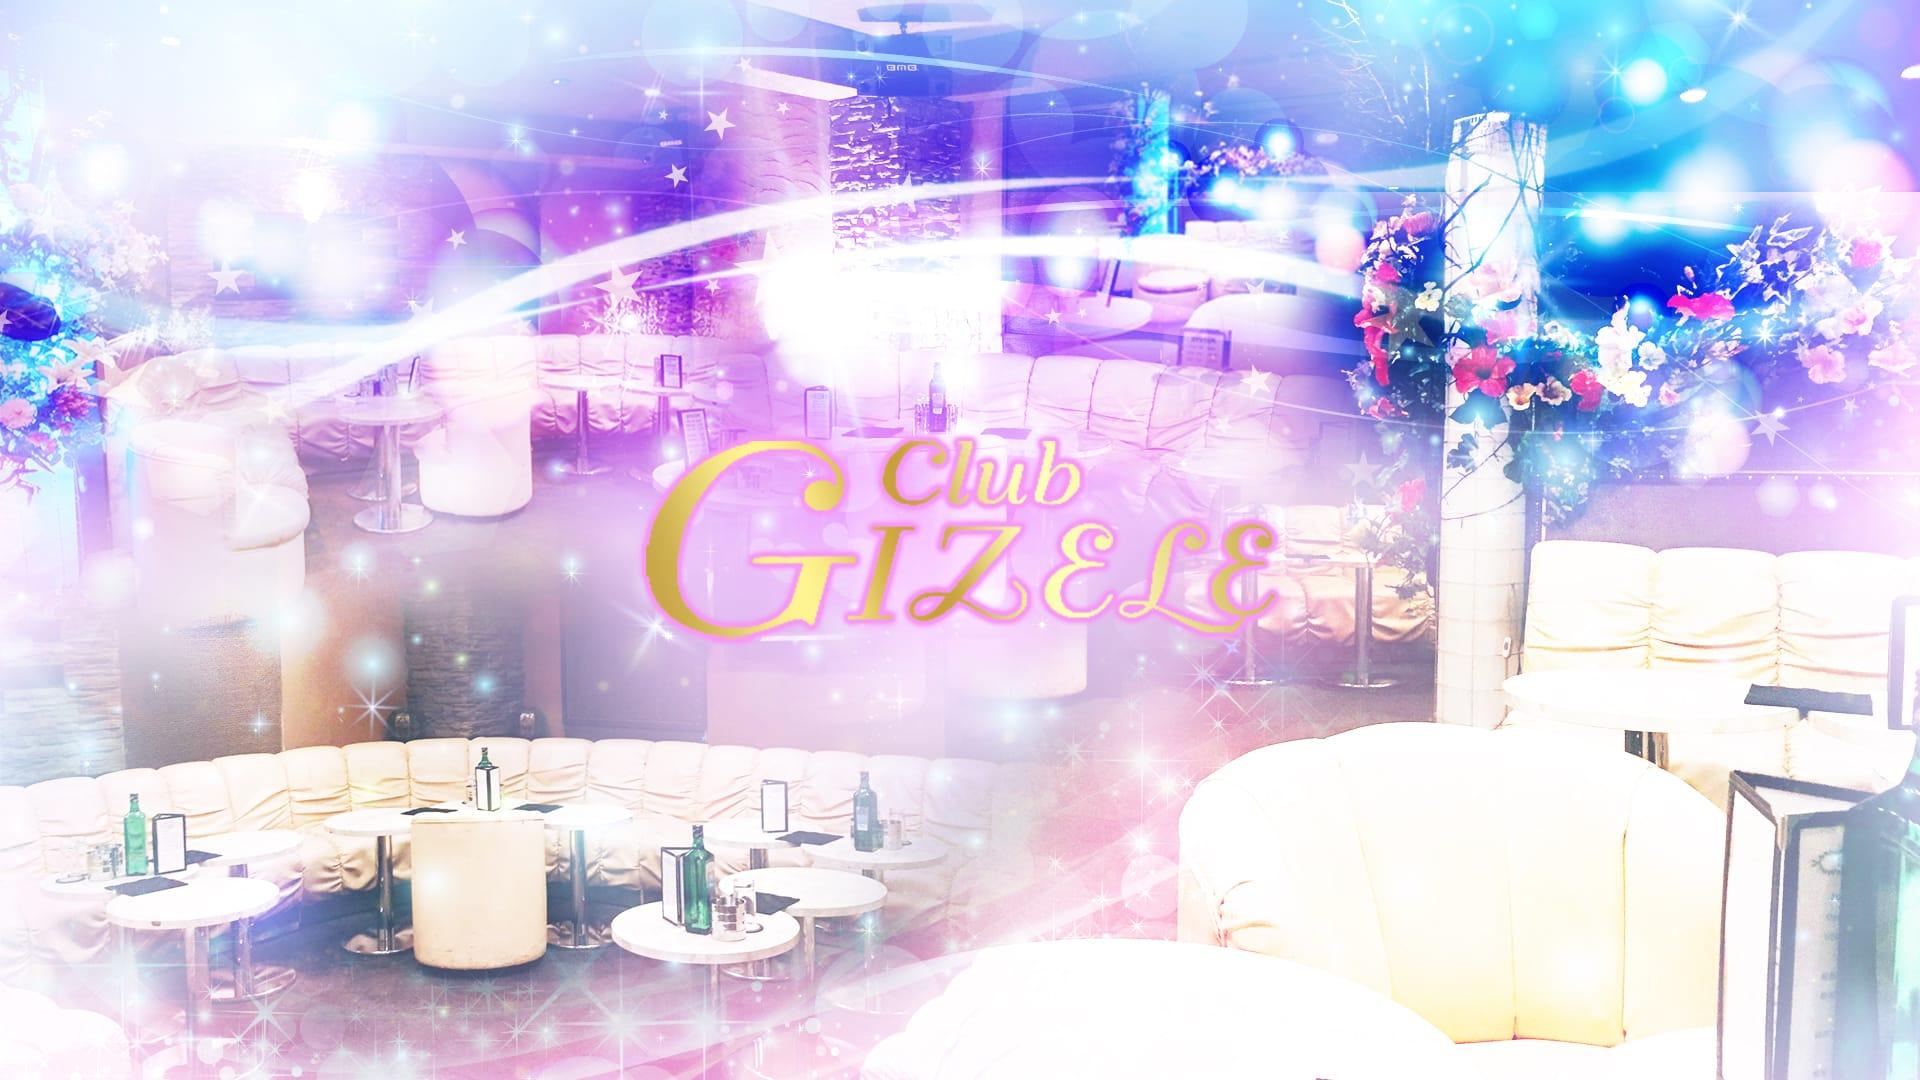 Club GIZELE(ジゼル) ときわ台キャバクラ TOP画像